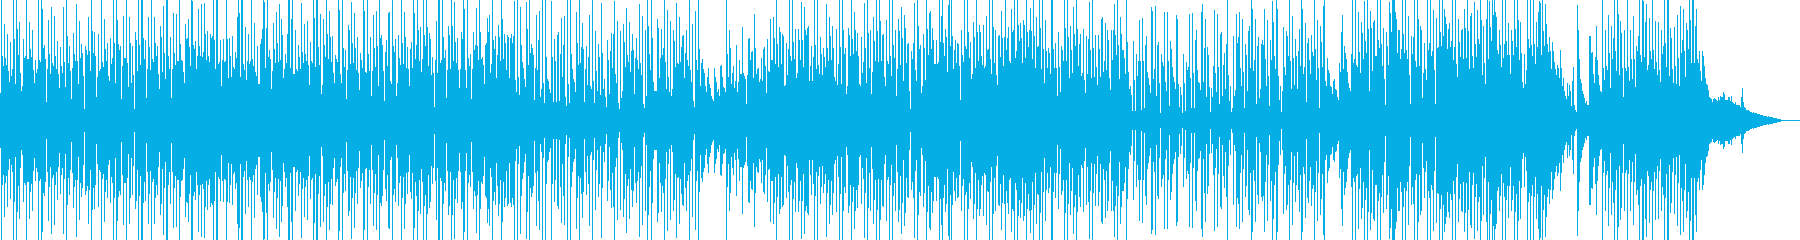 ウクレレ・ほのぼの映像や作品に 長尺の再生済みの波形